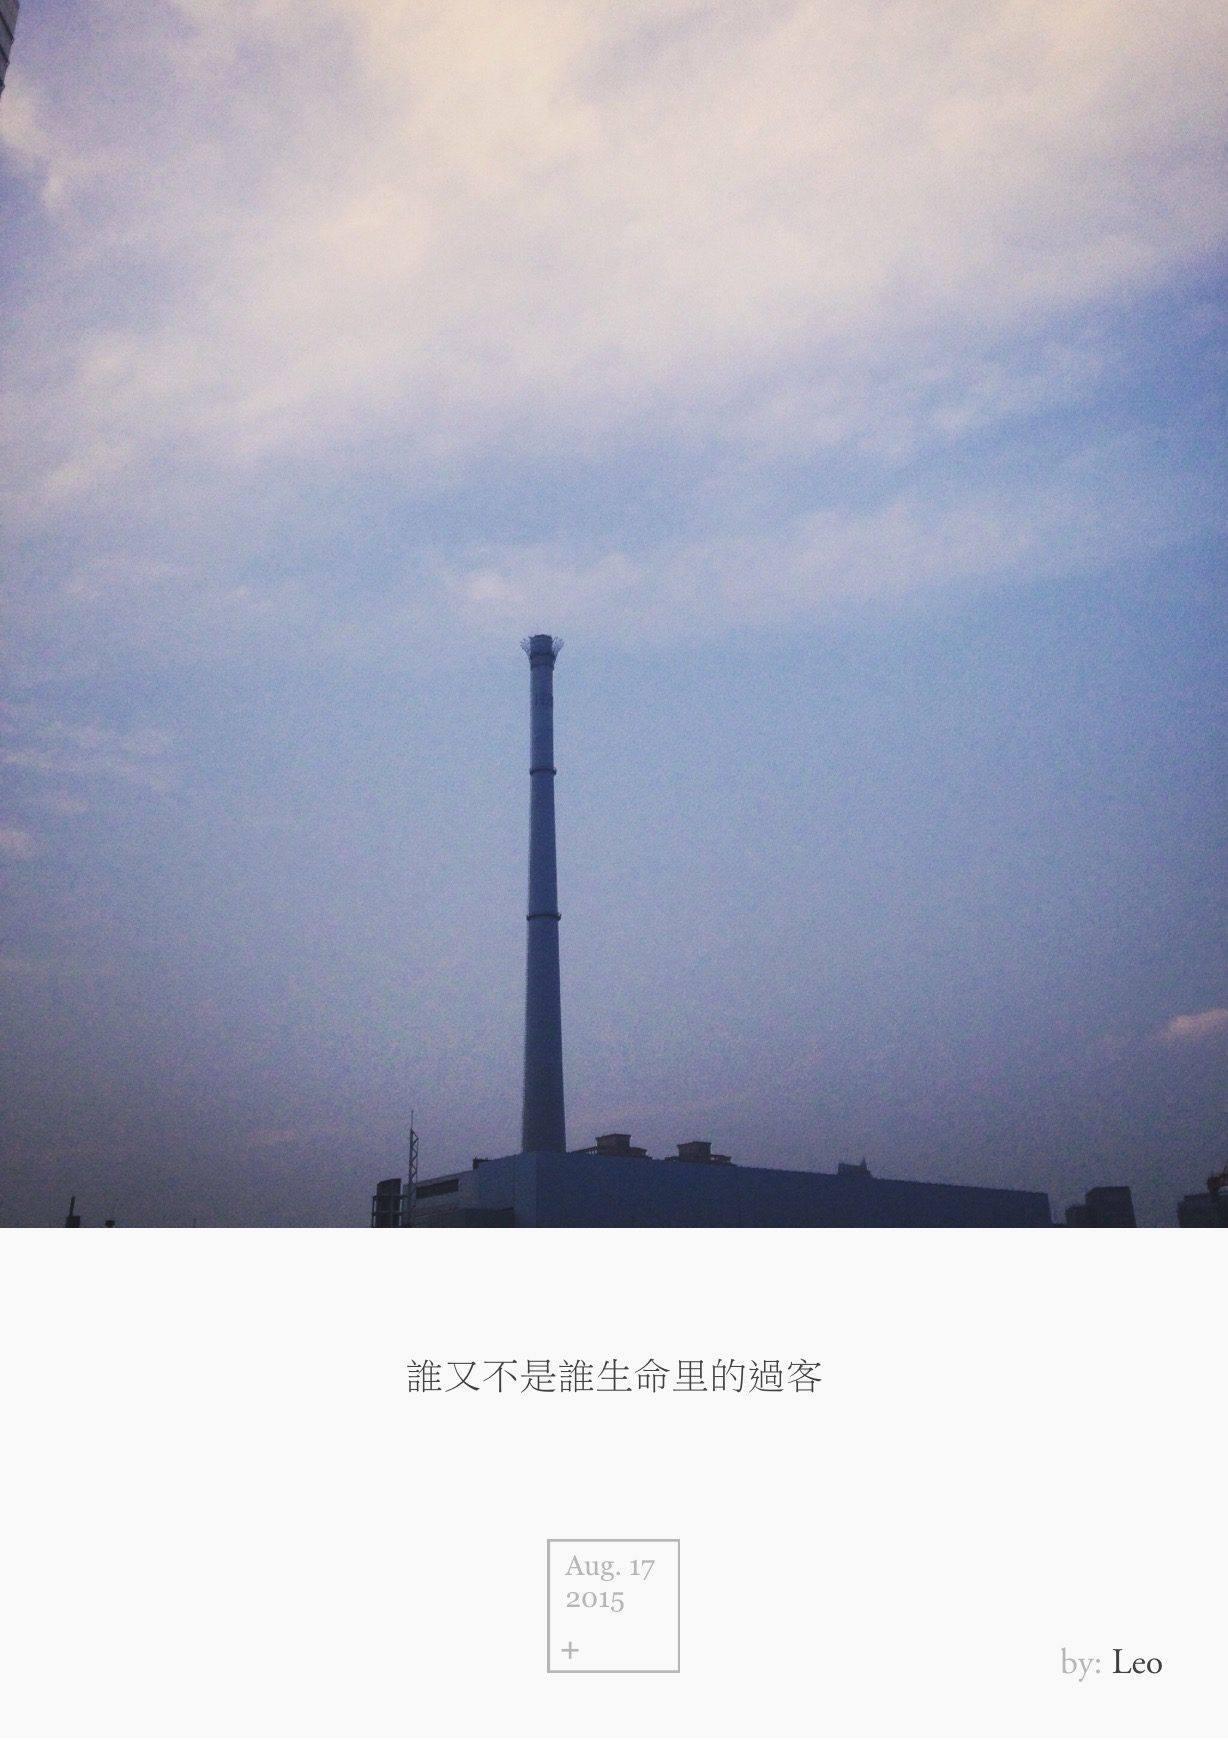 烟囱 北京 夕阳